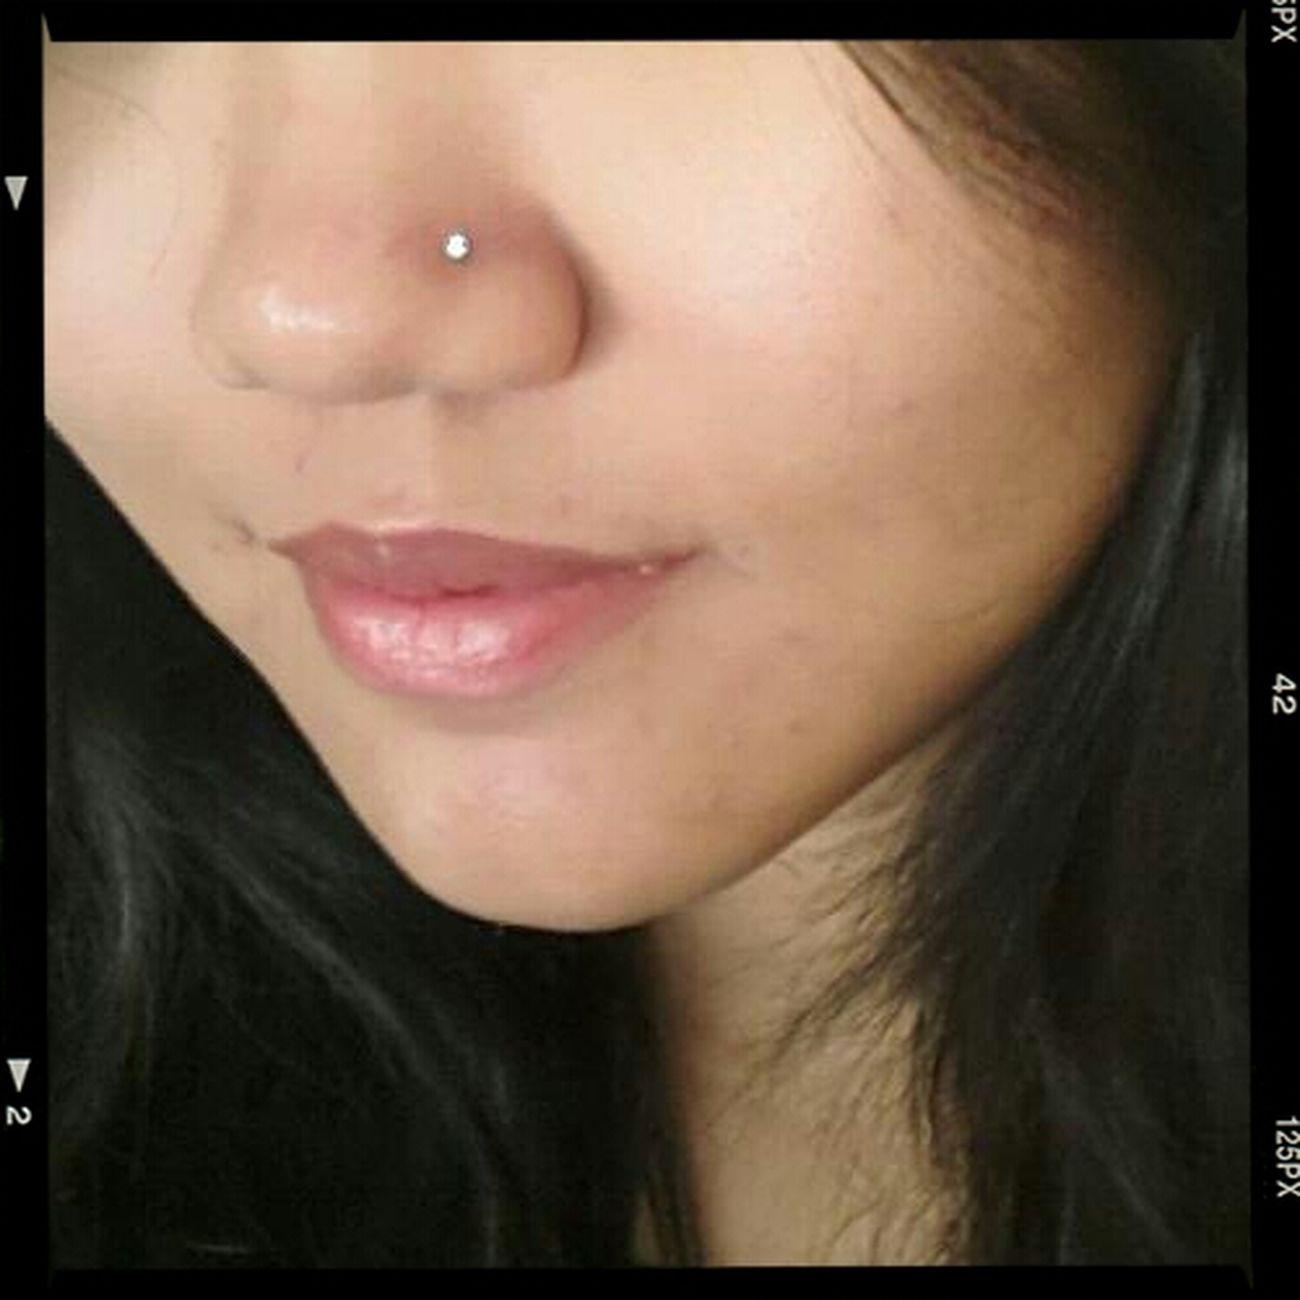 N-pin Nosepin Smile Selfie